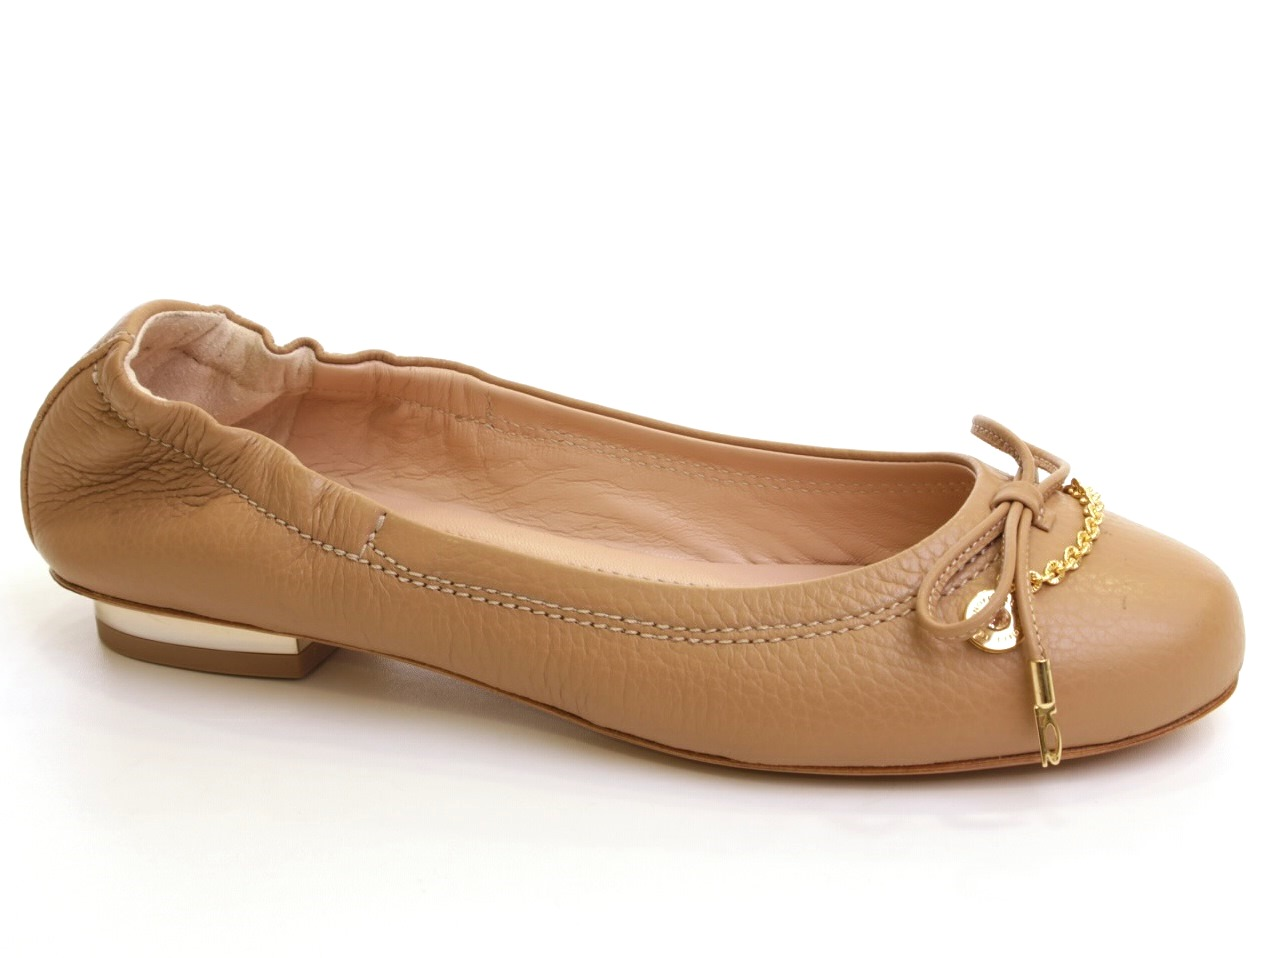 Zapatos Planos, Sabrinas, Mocassins Luis Onofre - 293 3397/02